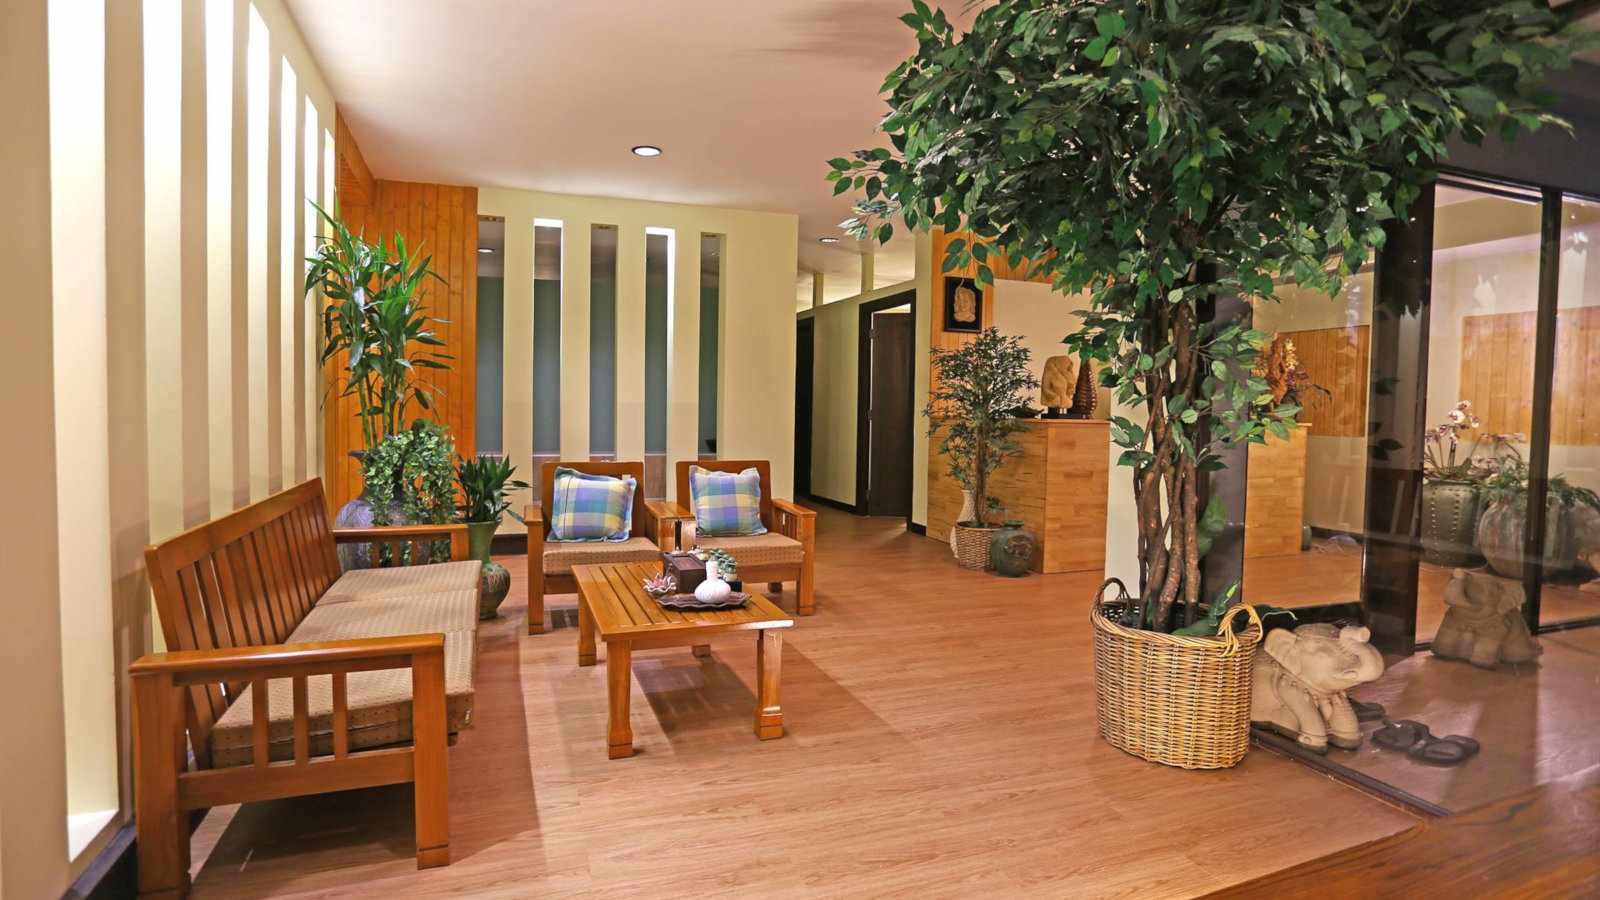 O Paradis Massage and Spa é um fabuloso salão de massagens gays em Bangkok, próximo à DJ Station do clube gay